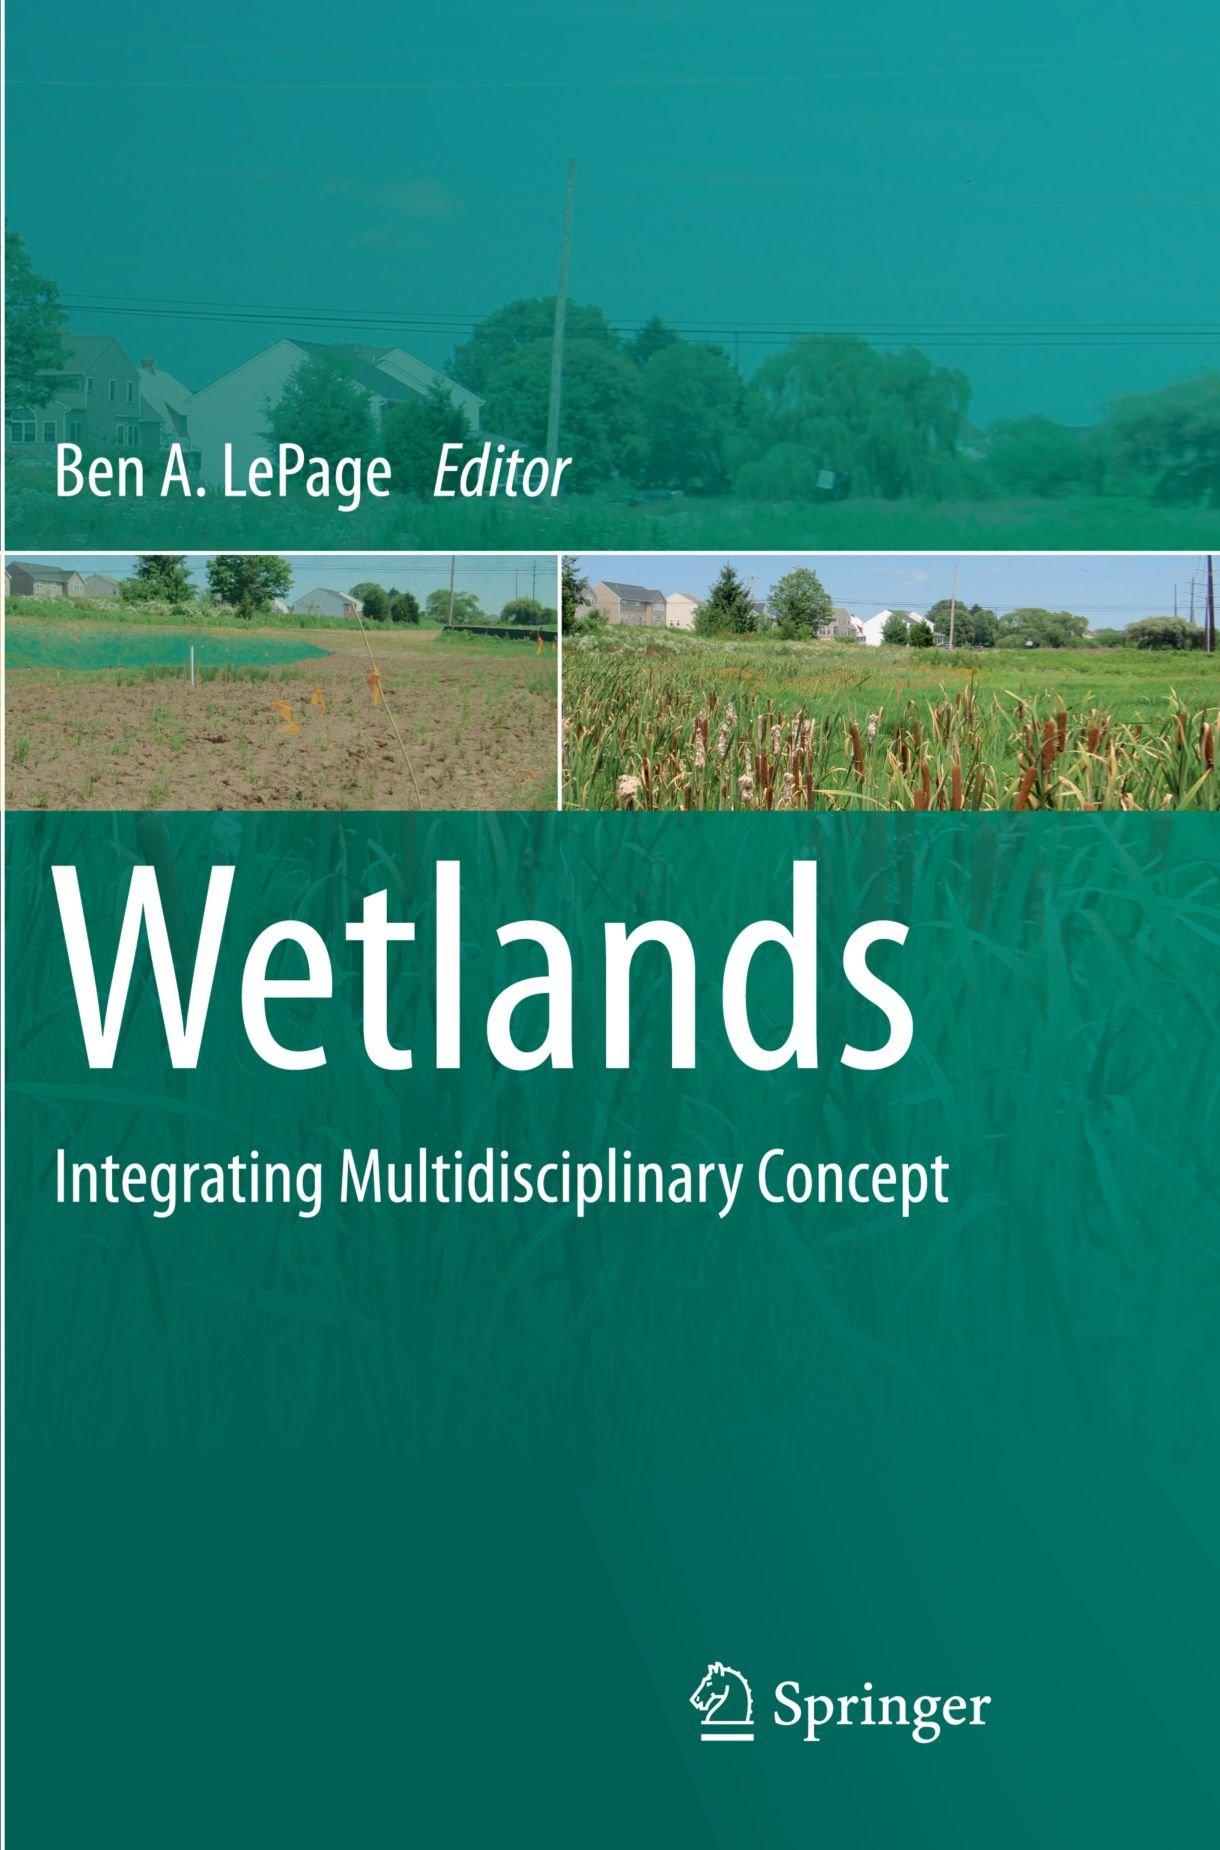 Wetlands: Integrating Multidisciplinary Concepts